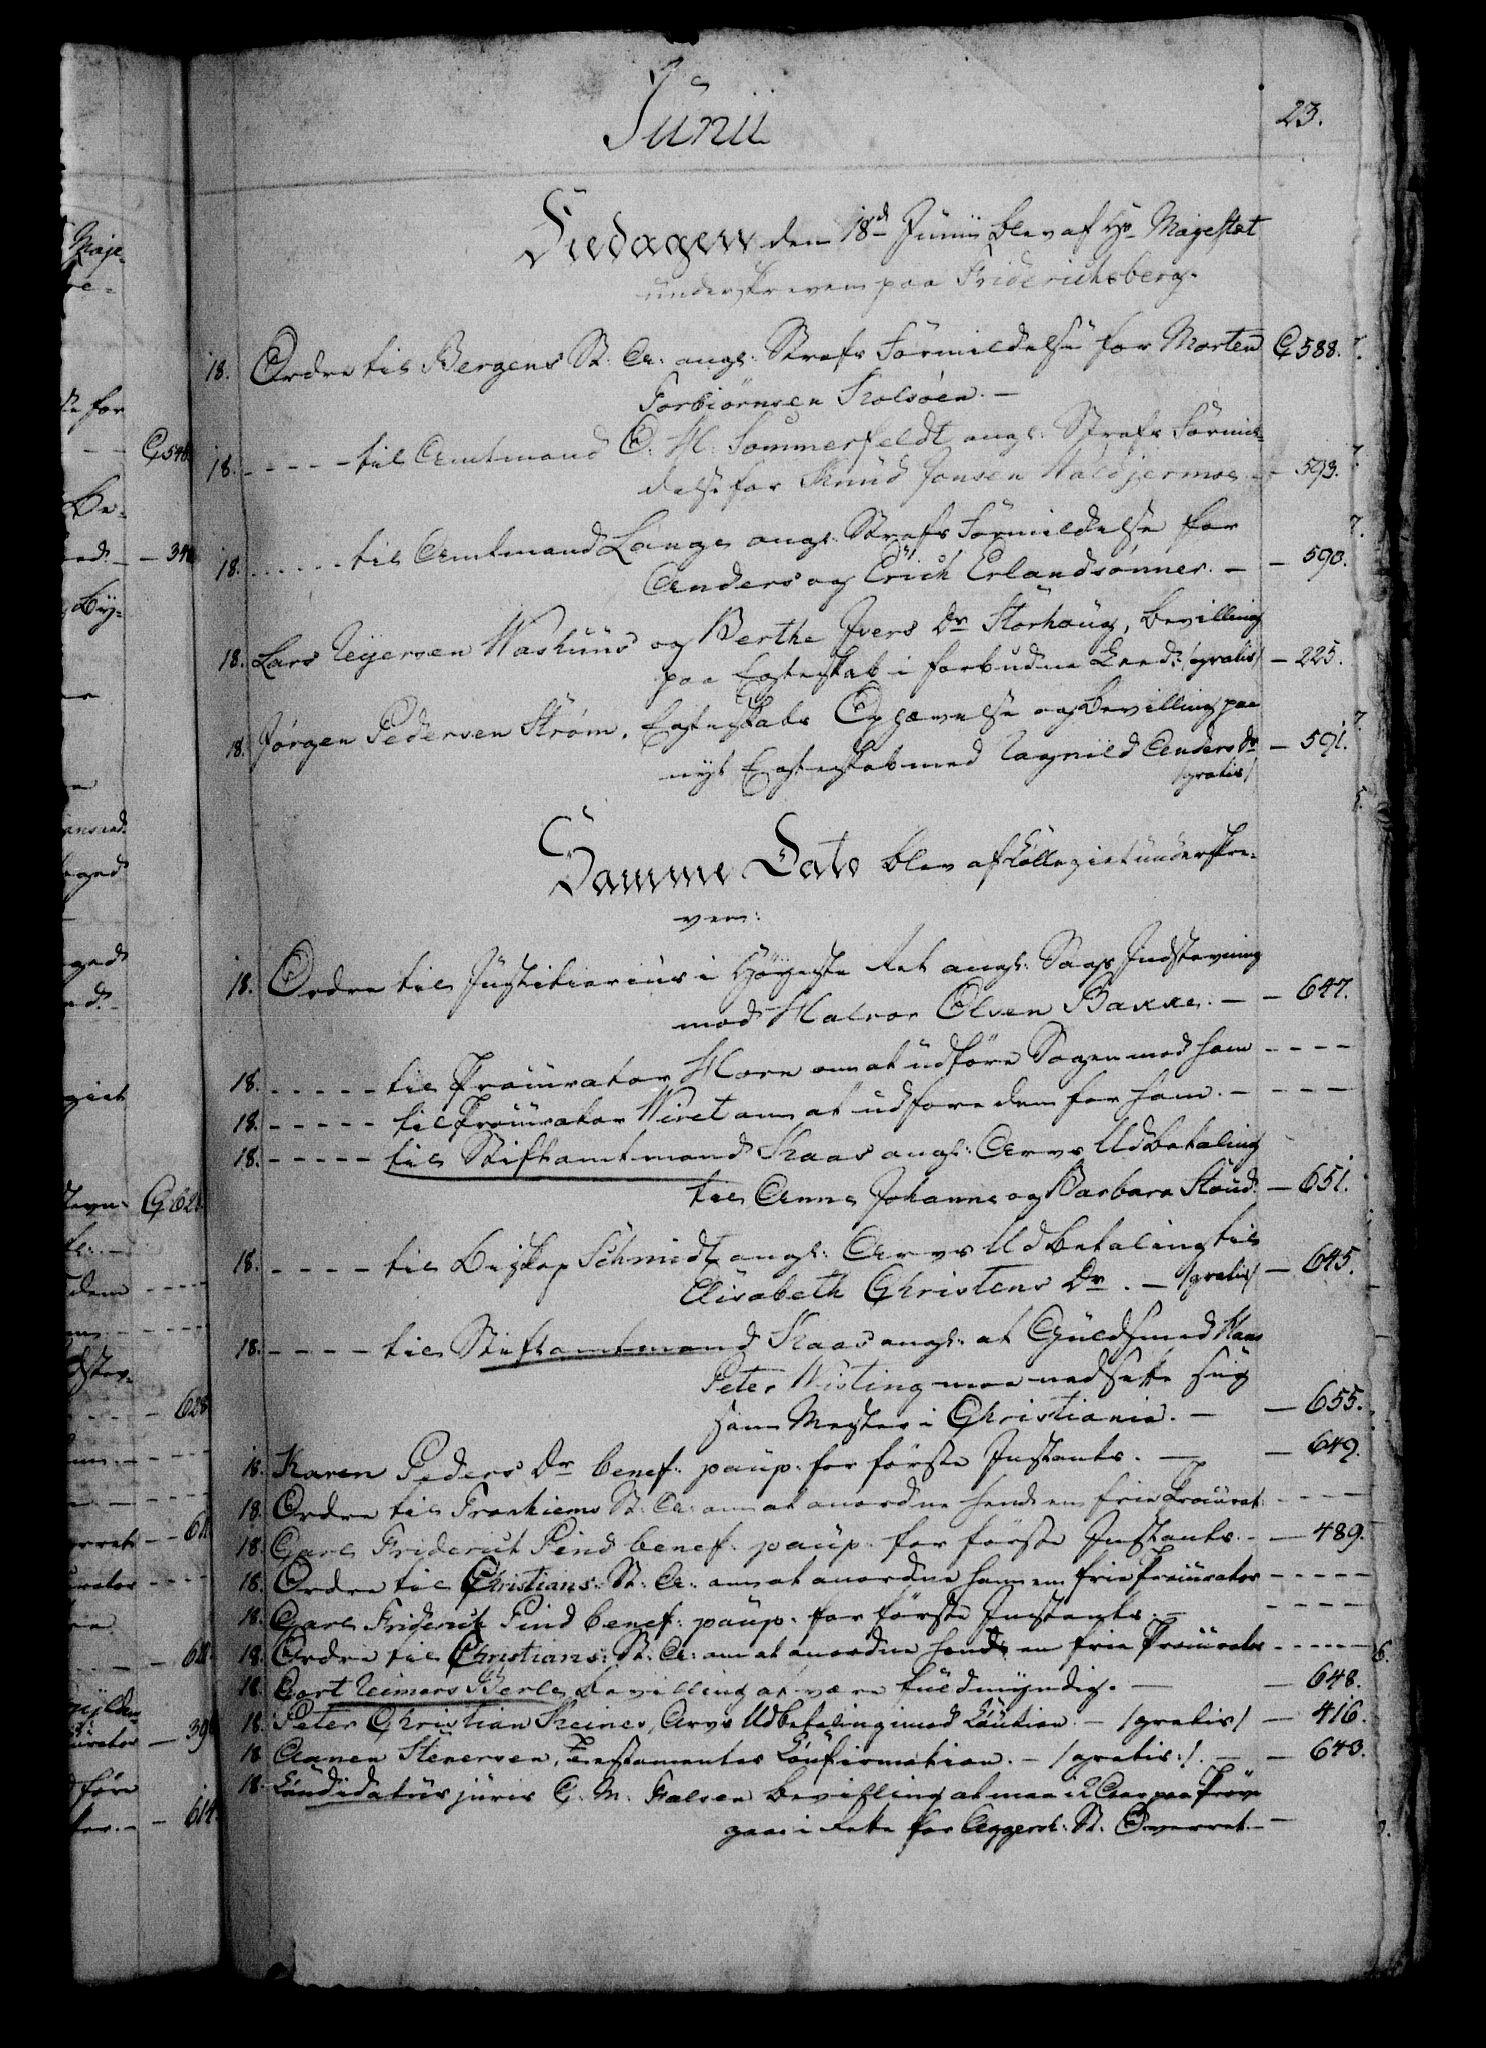 RA, Danske Kanselli 1800-1814, H/Hf/Hfb/Hfbc/L0003: Underskrivelsesbok m. register, 1802, s. 23